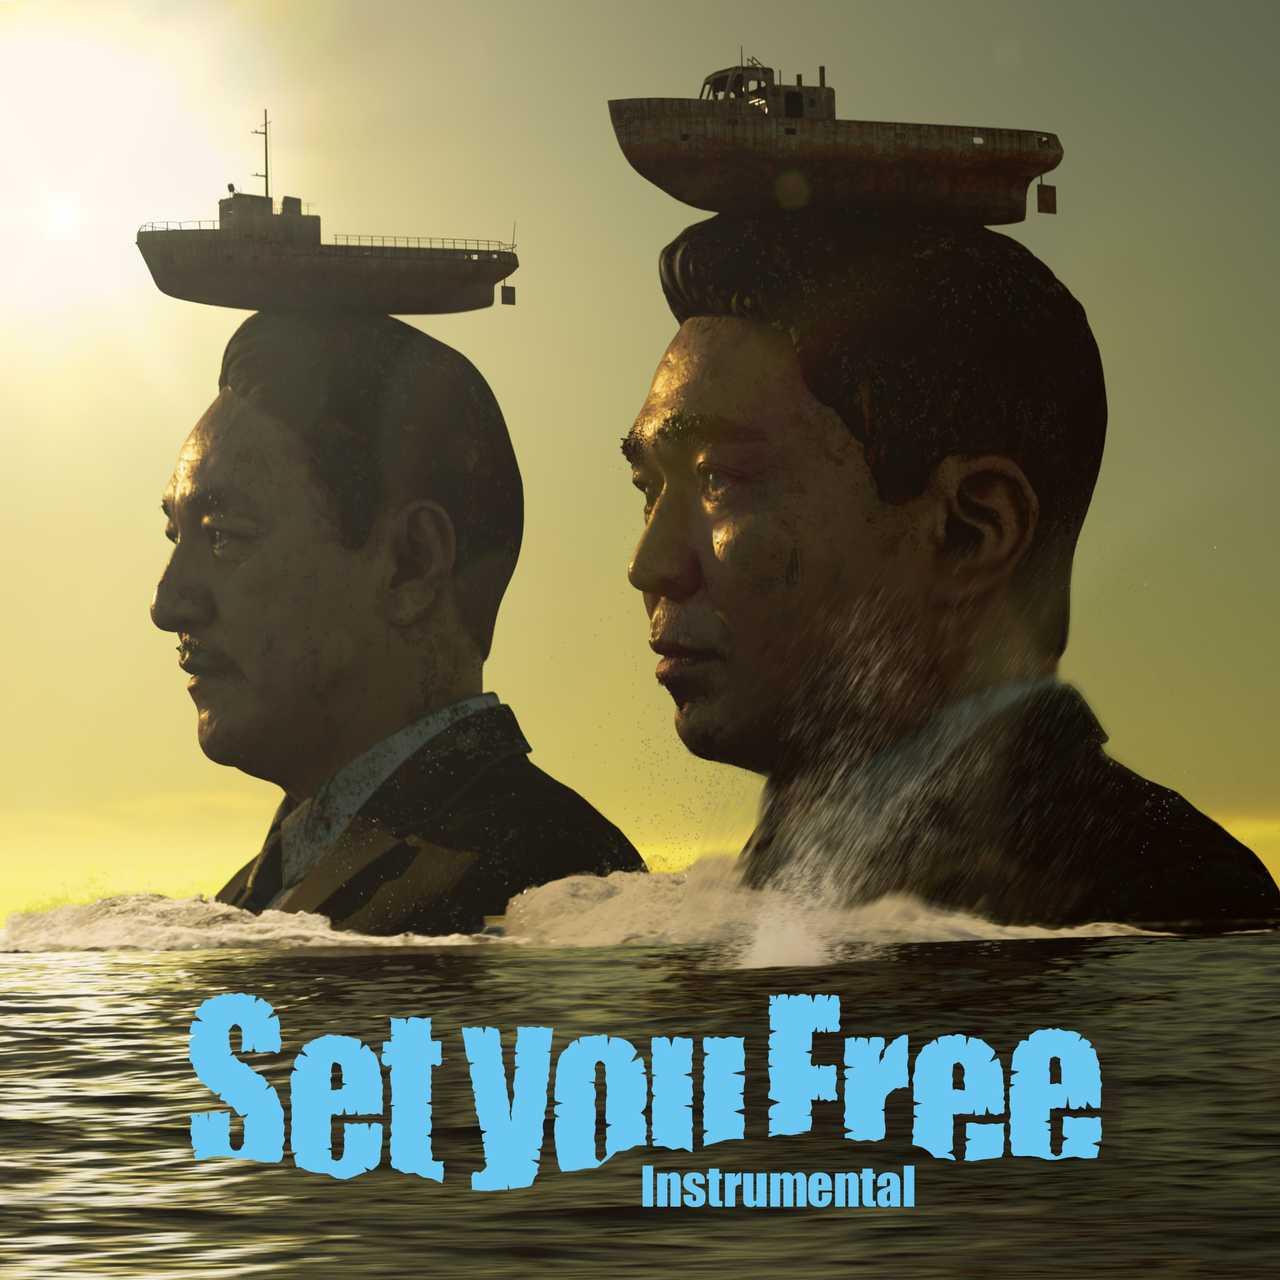 電気グルーヴ「Set you Free」MV公開!インスト、ビデオエディットの配信も決定